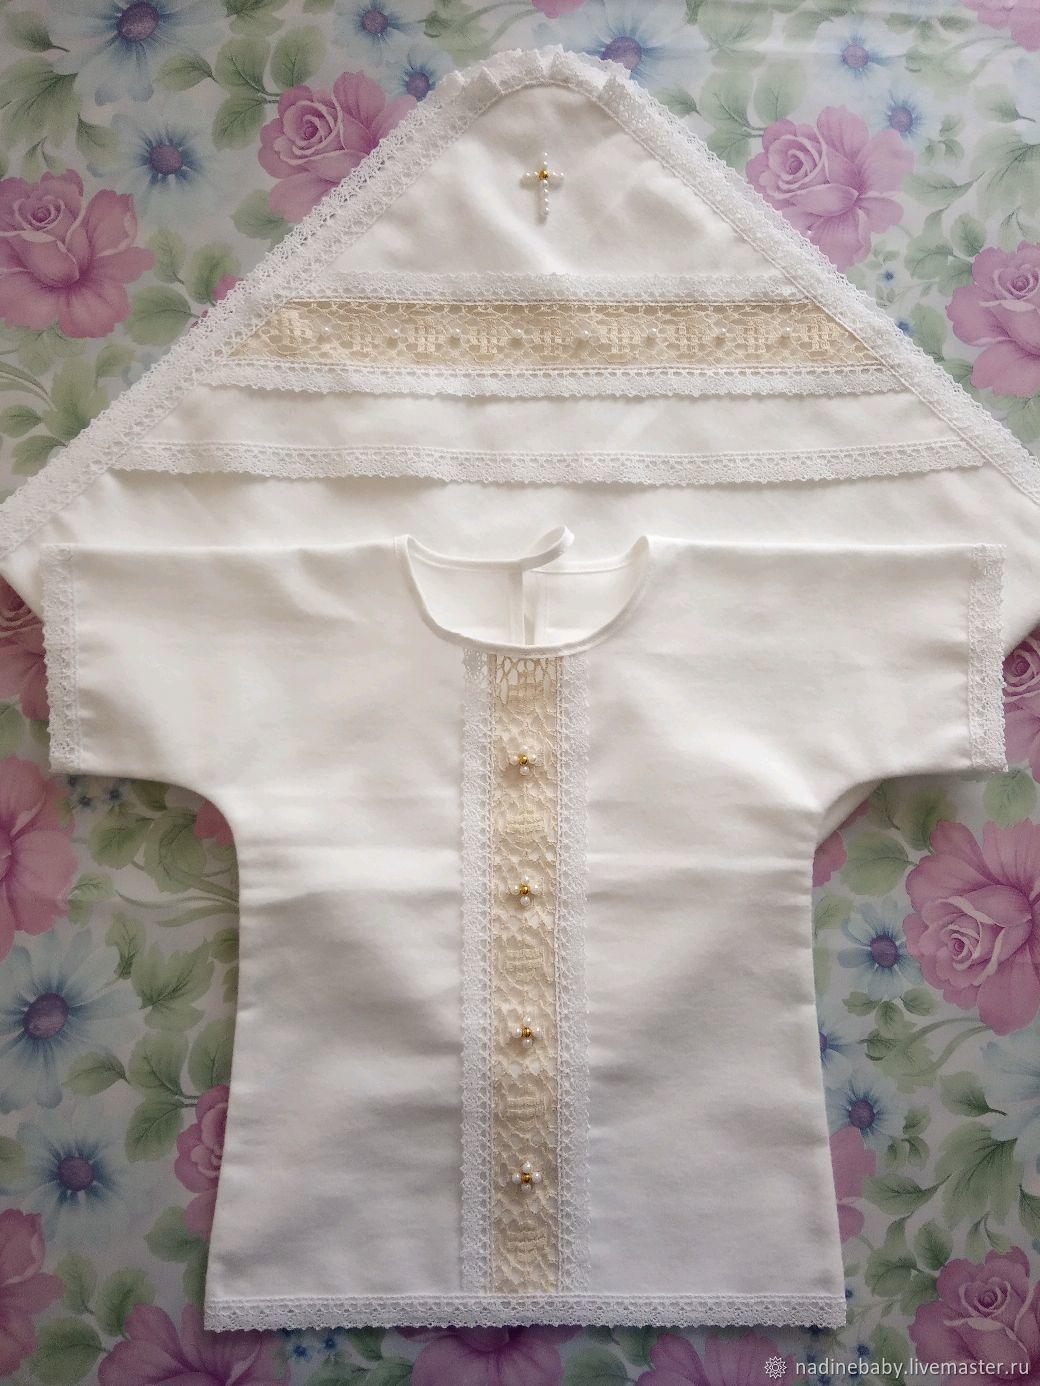 """Крестильный набор """"Лучик"""", крестильная рубашка с крыжмой, Комплект для крещения, Санкт-Петербург,  Фото №1"""